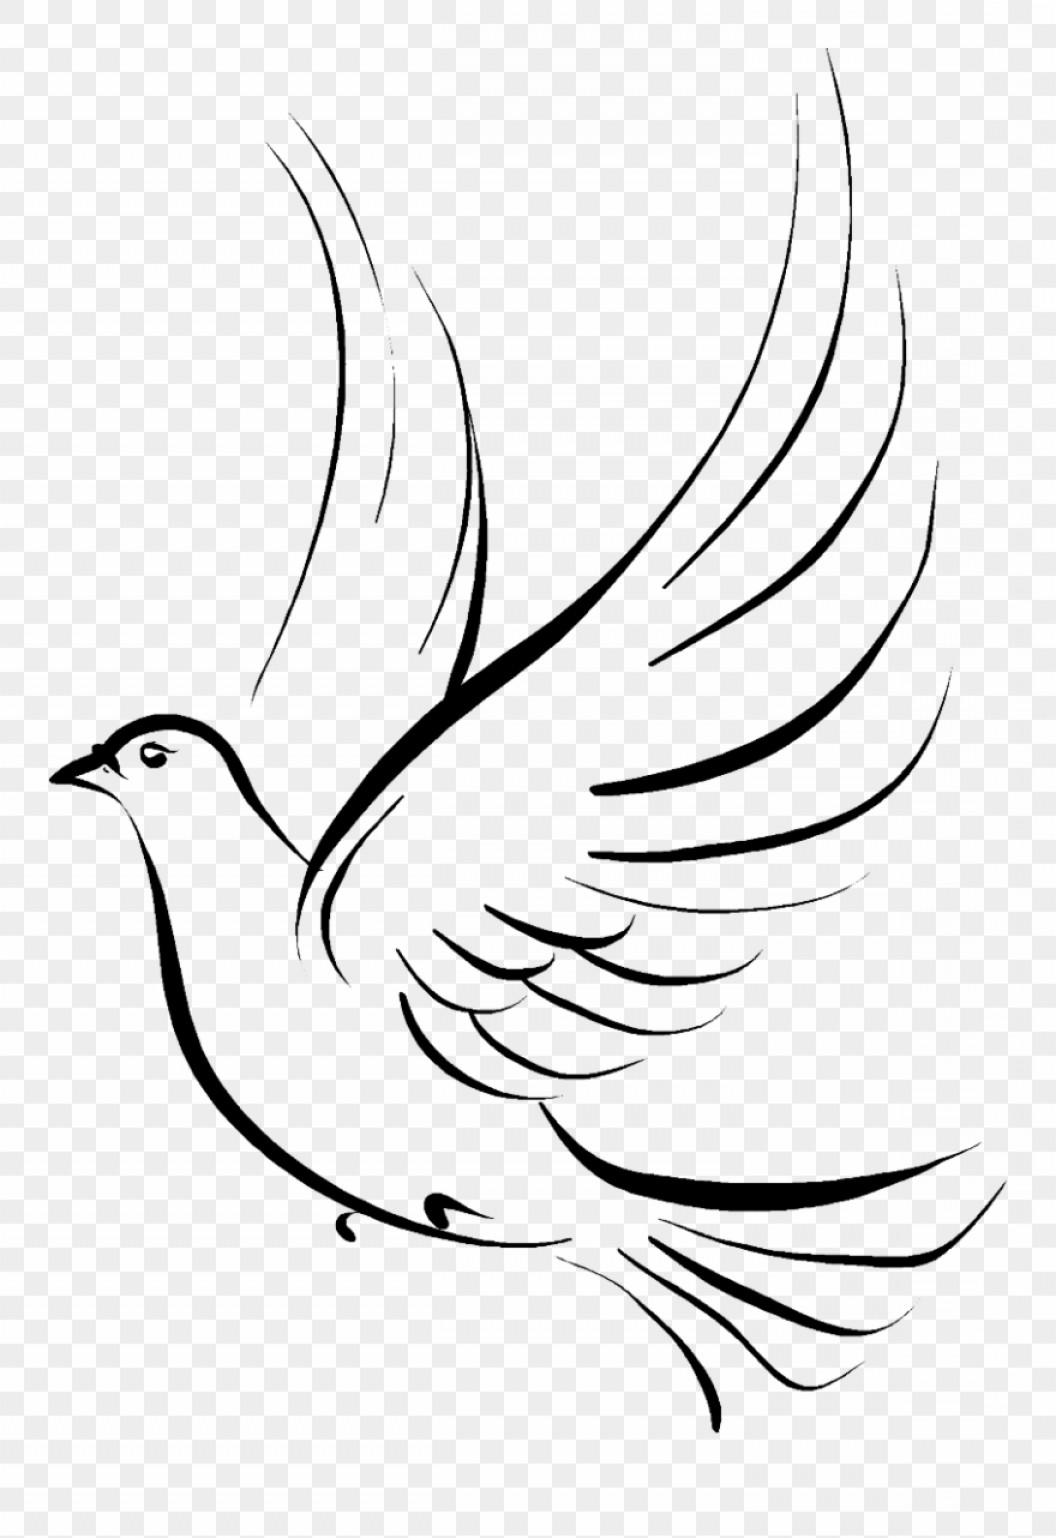 Ttwbbrdove funeral dove clip. Doves clipart vector png